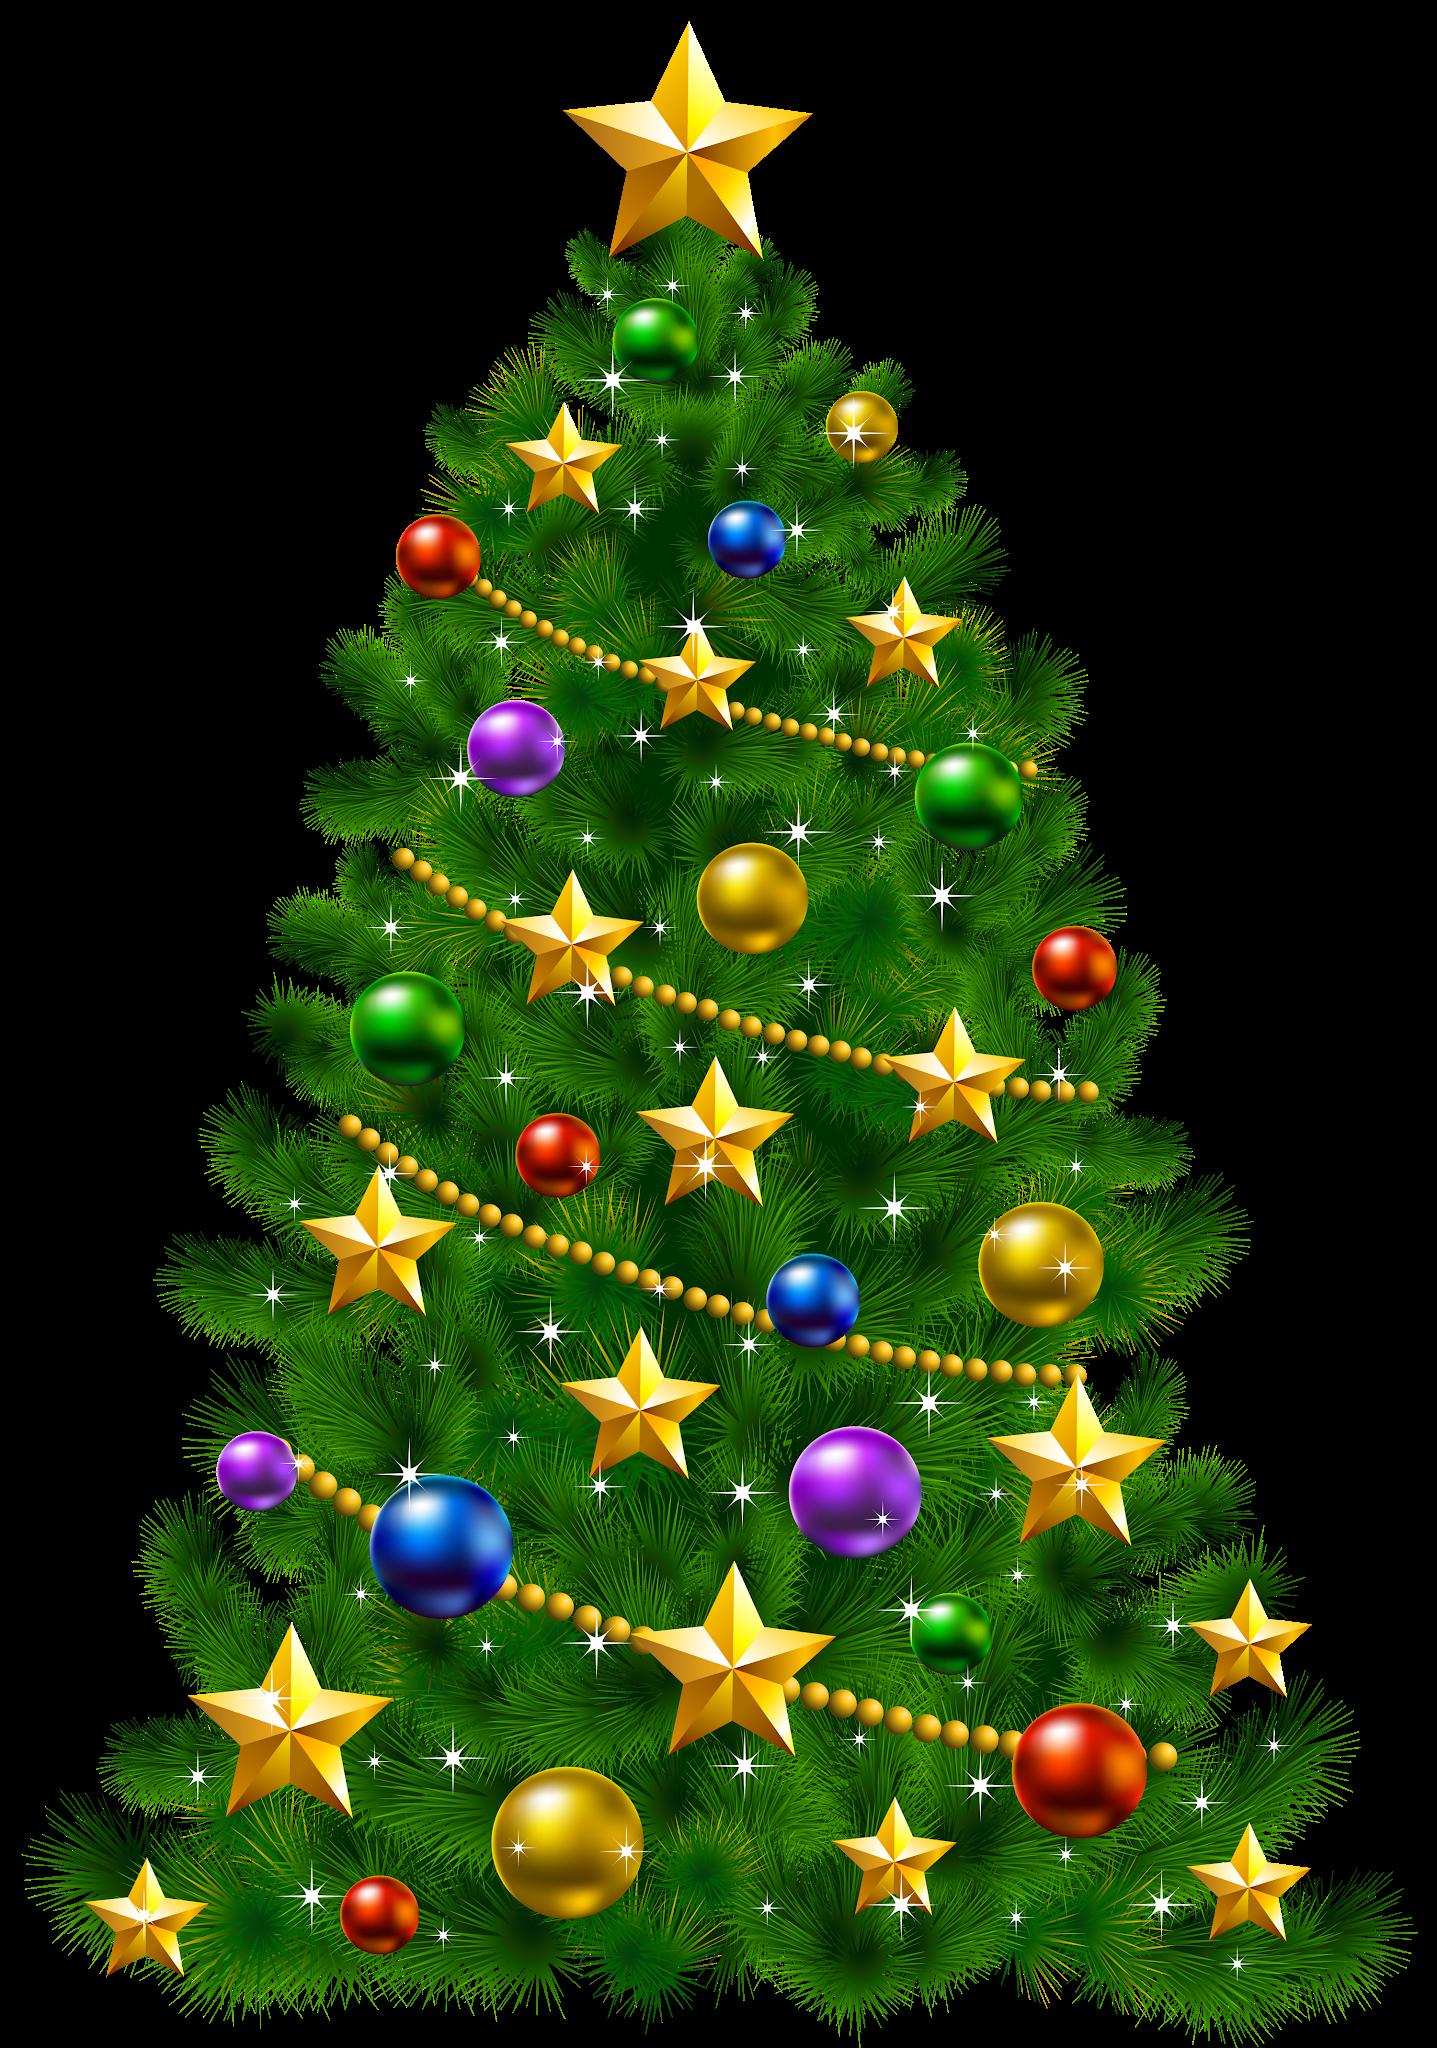 Ligne Verte D Arbre De Noel Clipart Arbre Clipart Etoile Ligne Clipart Fichier Png Et Psd Pour Le Telechargement Libre Christmas Tree Clipart Christmas Tree Drawing Christmas Tree Star